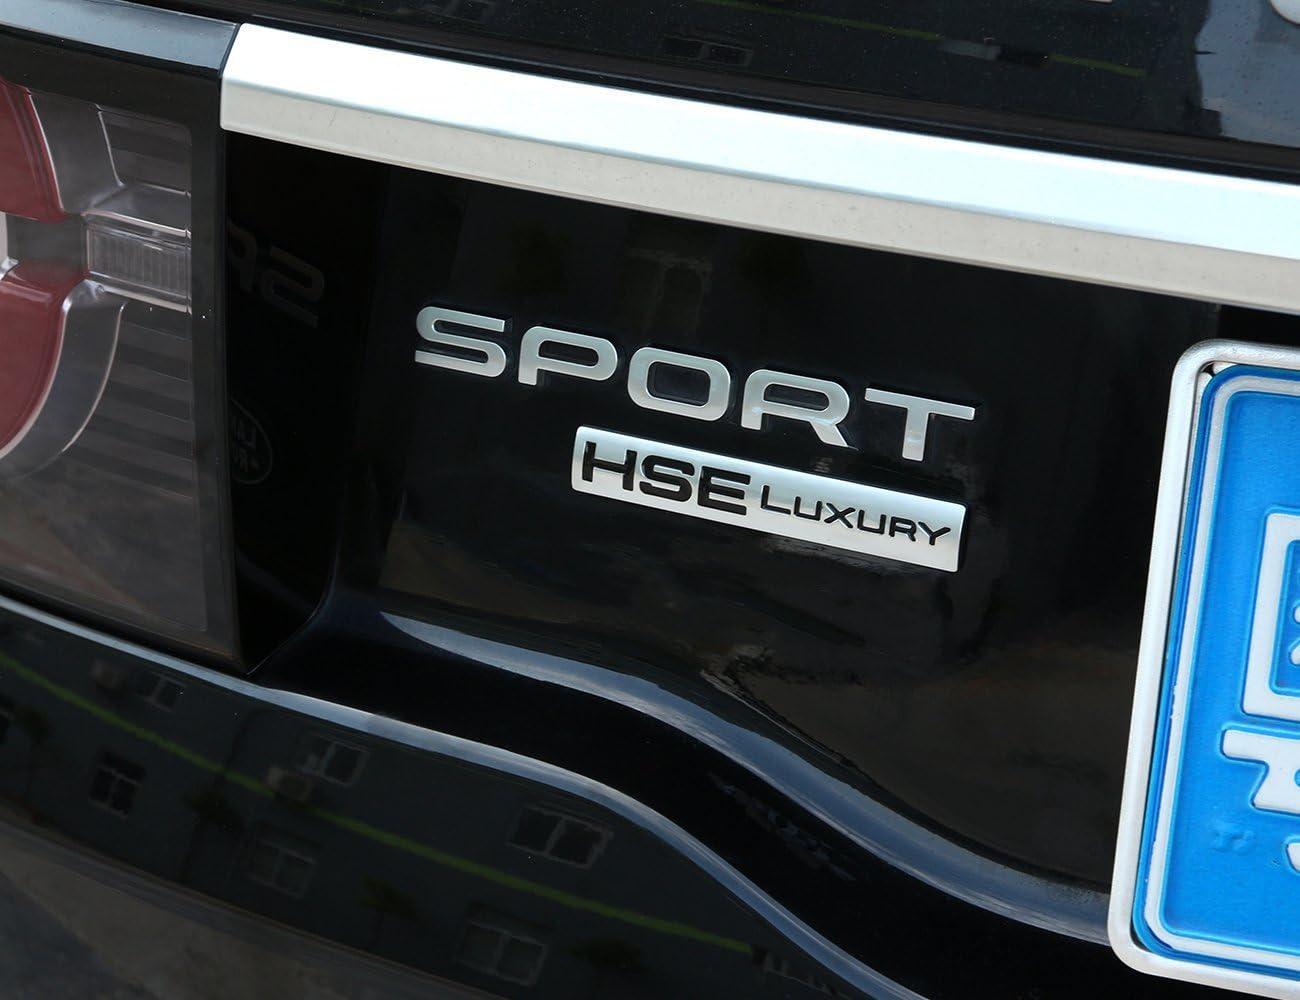 METYOUCAR ABS HSE LUXURY Emblem Badge Cover Trim